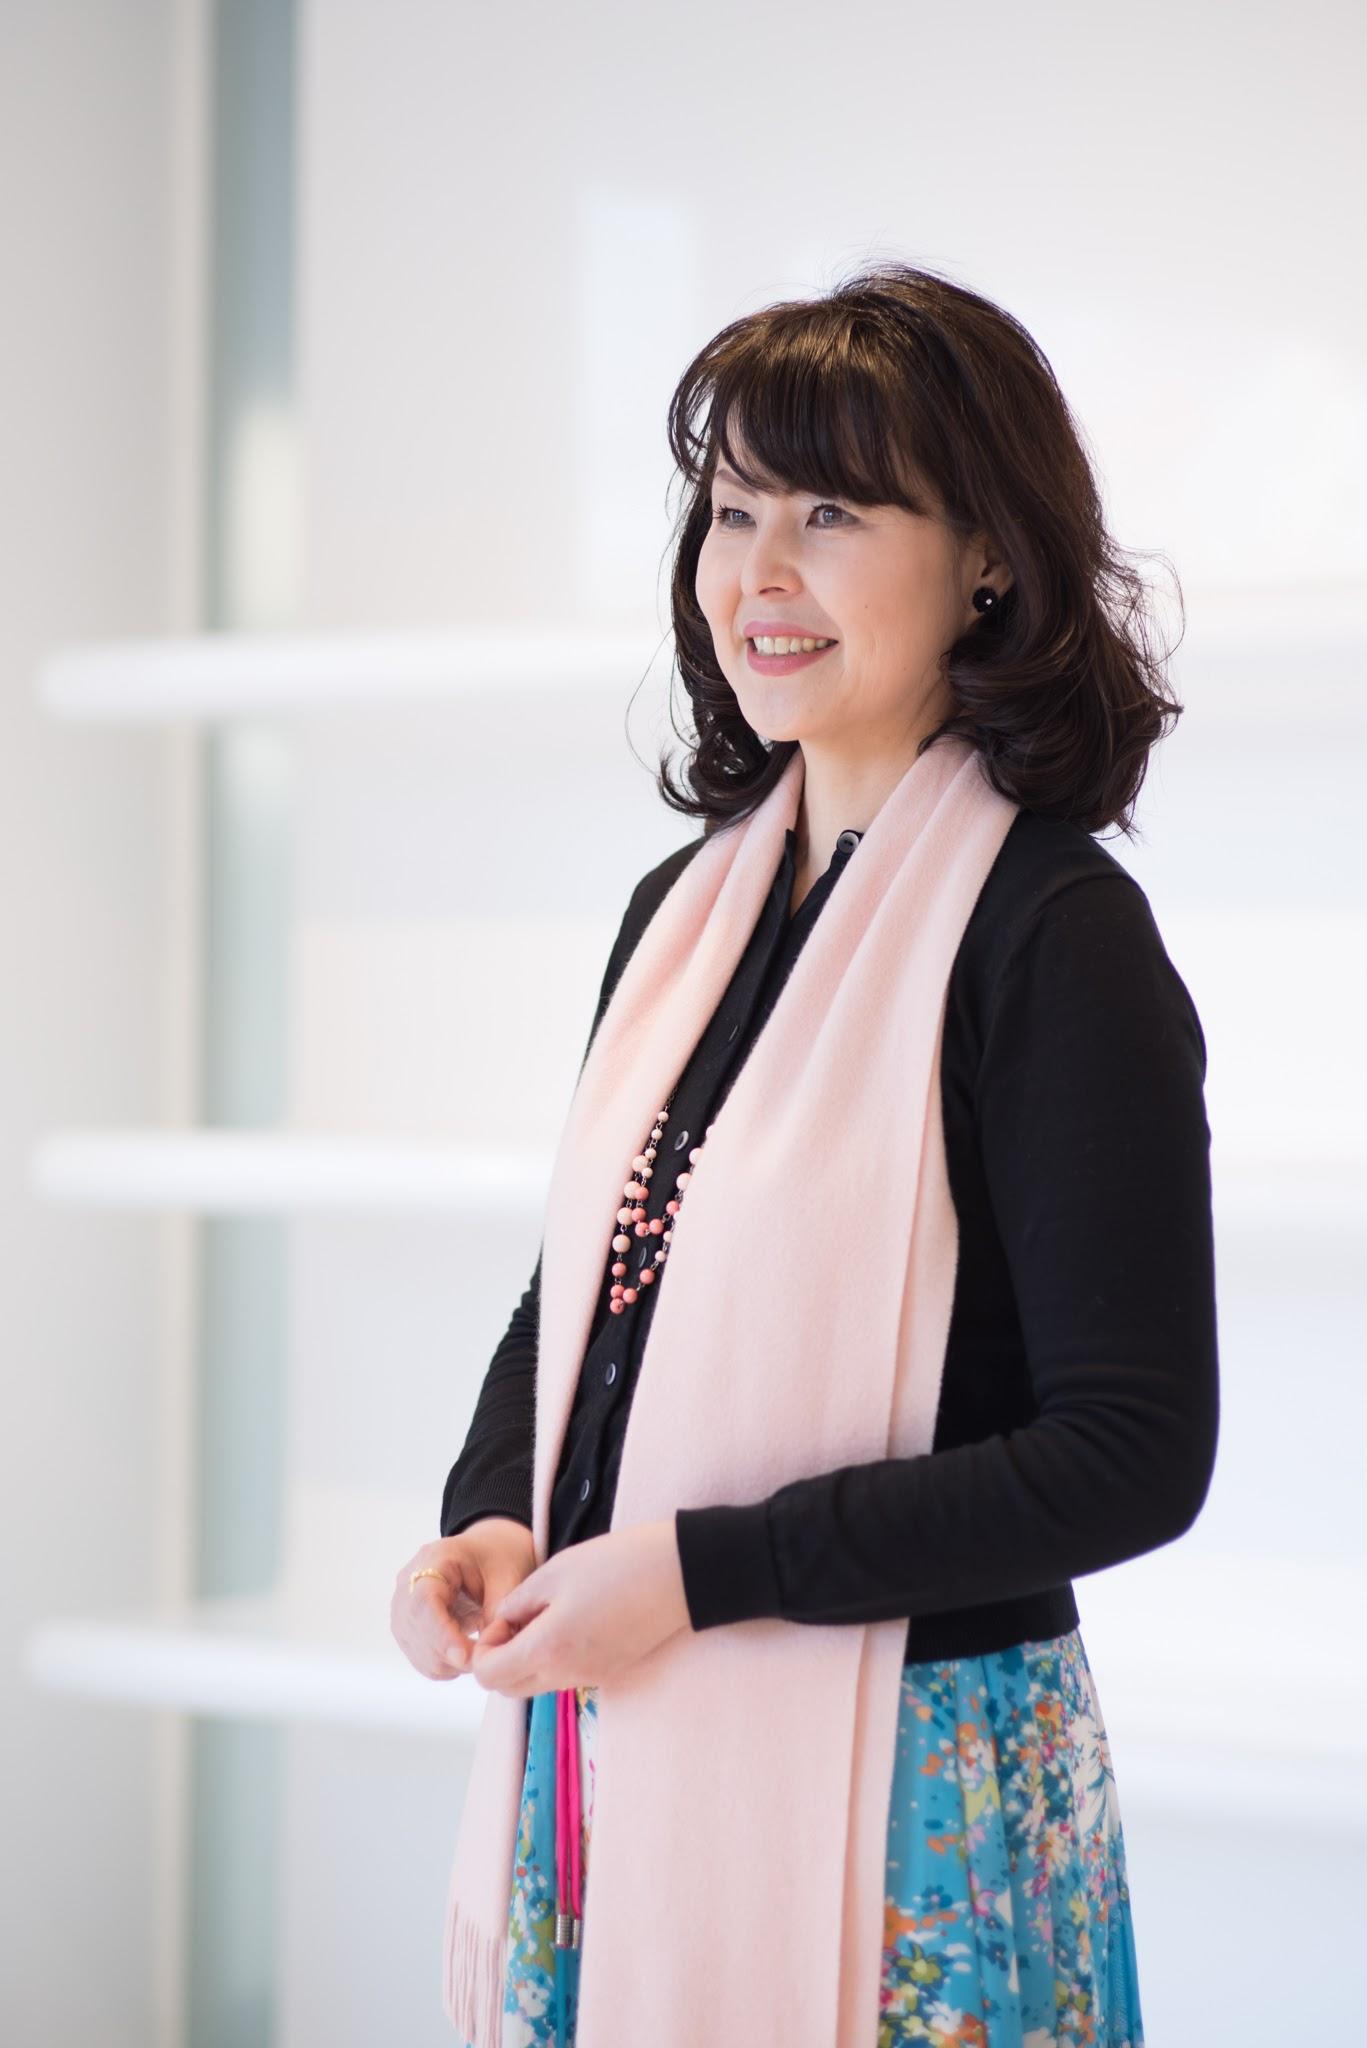 上村由紀子さんプロフィール画像